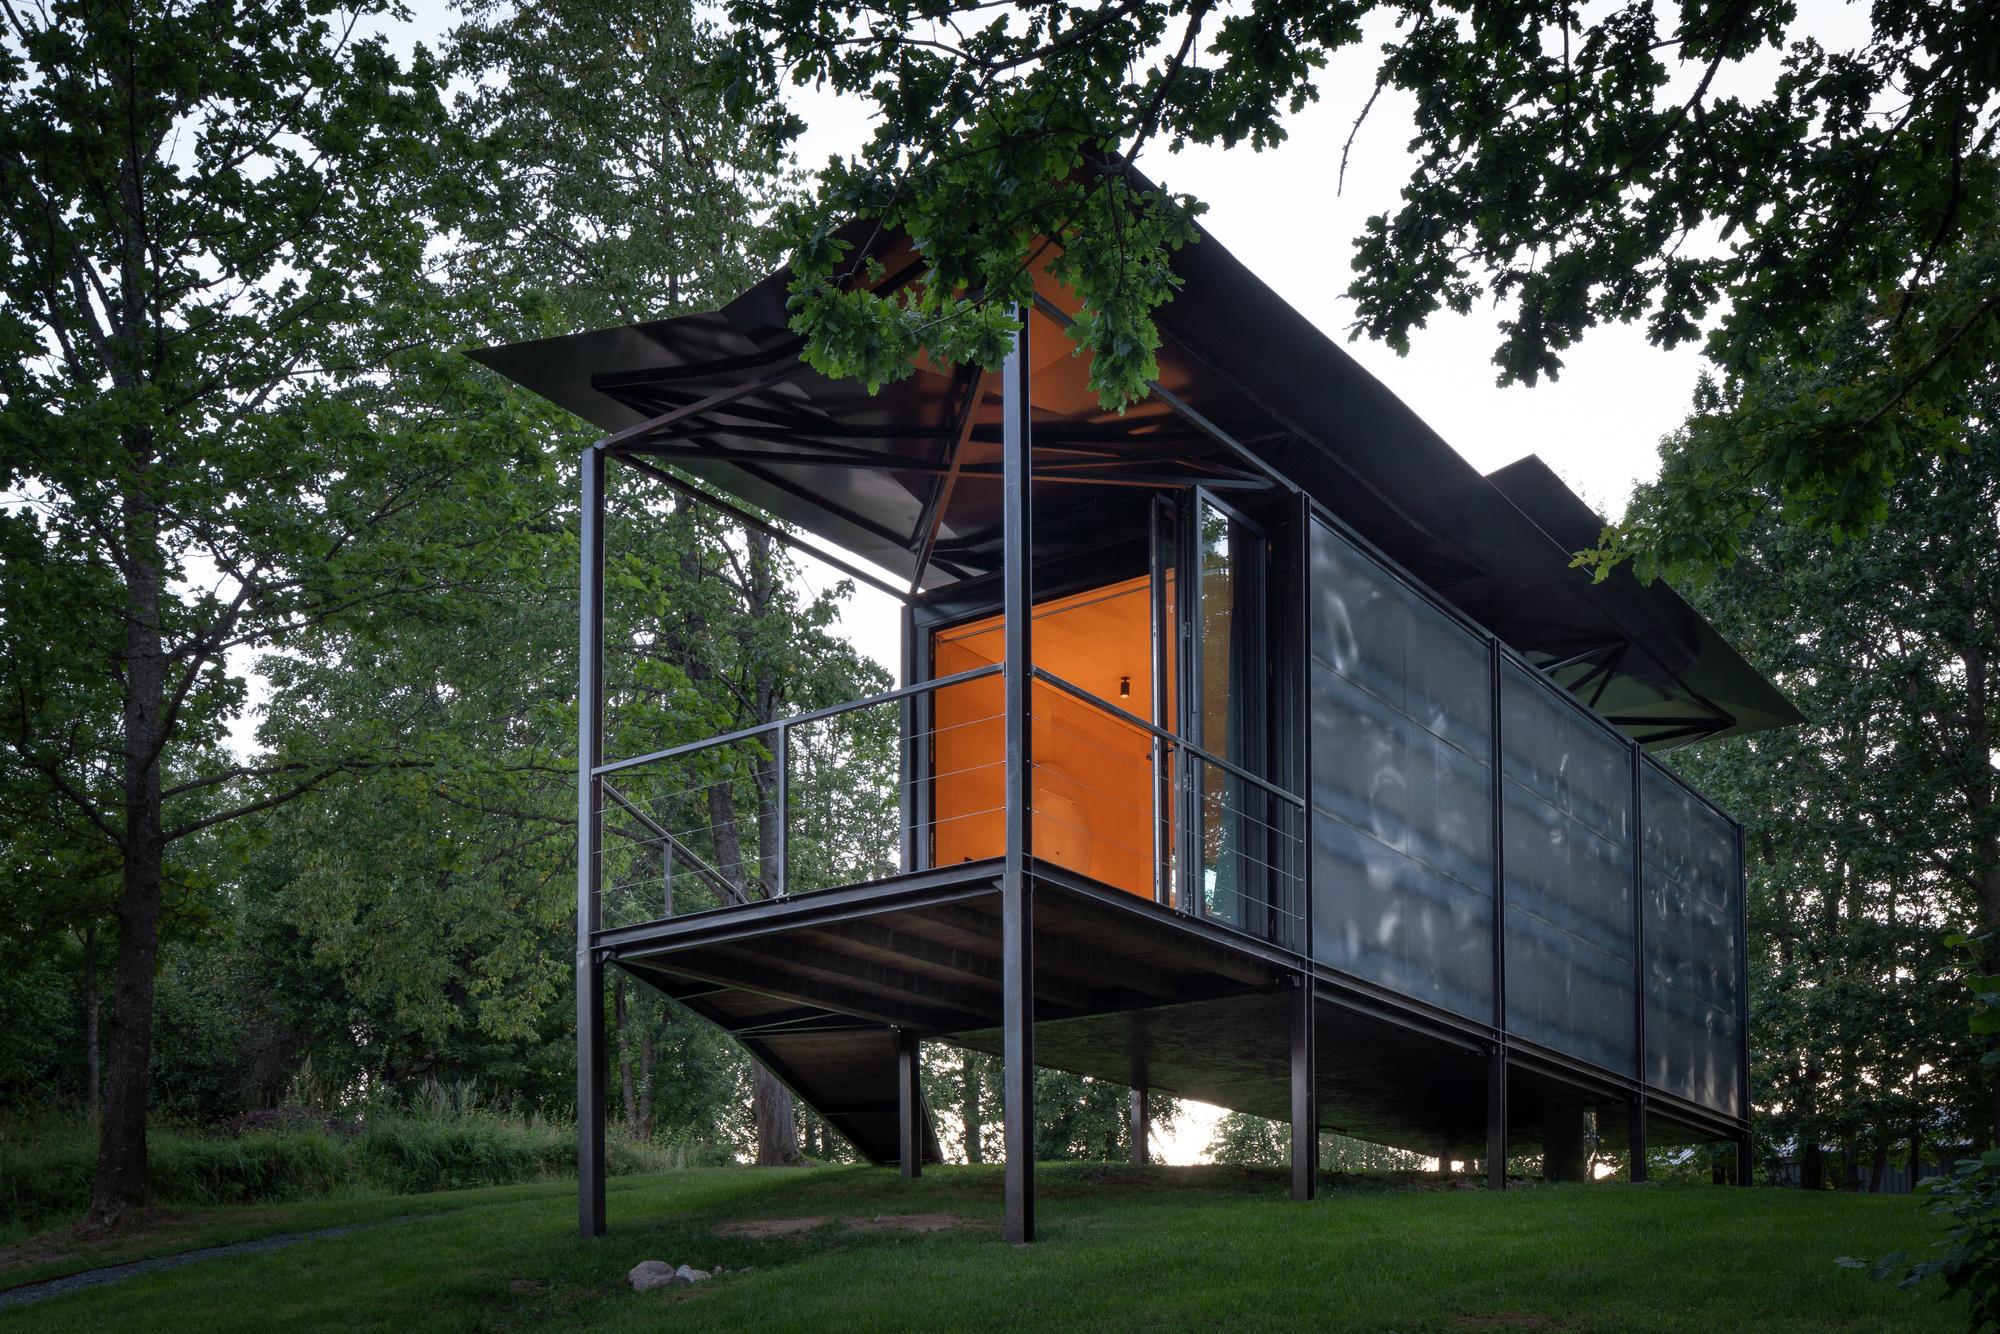 Arquitectura cover image